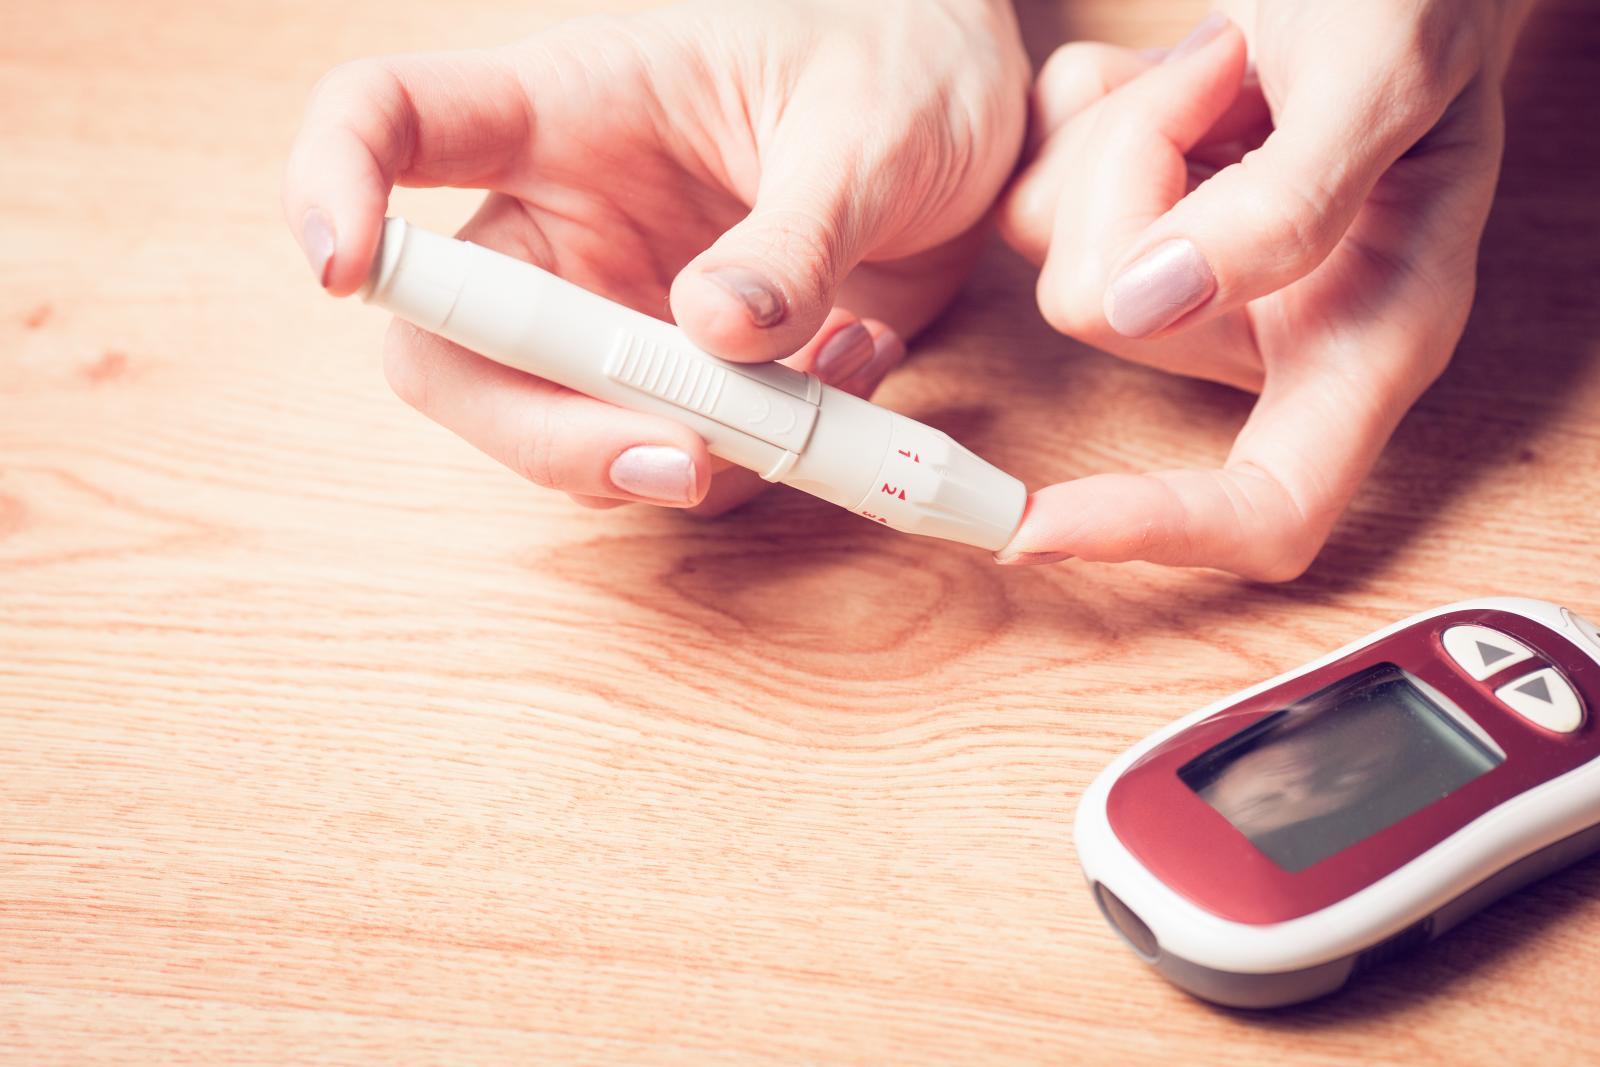 Pravo na Abbott Libre senzore mogu ostvariti također djeca od četiri do 8 godina starosti, slijepe osobe i trudnice.